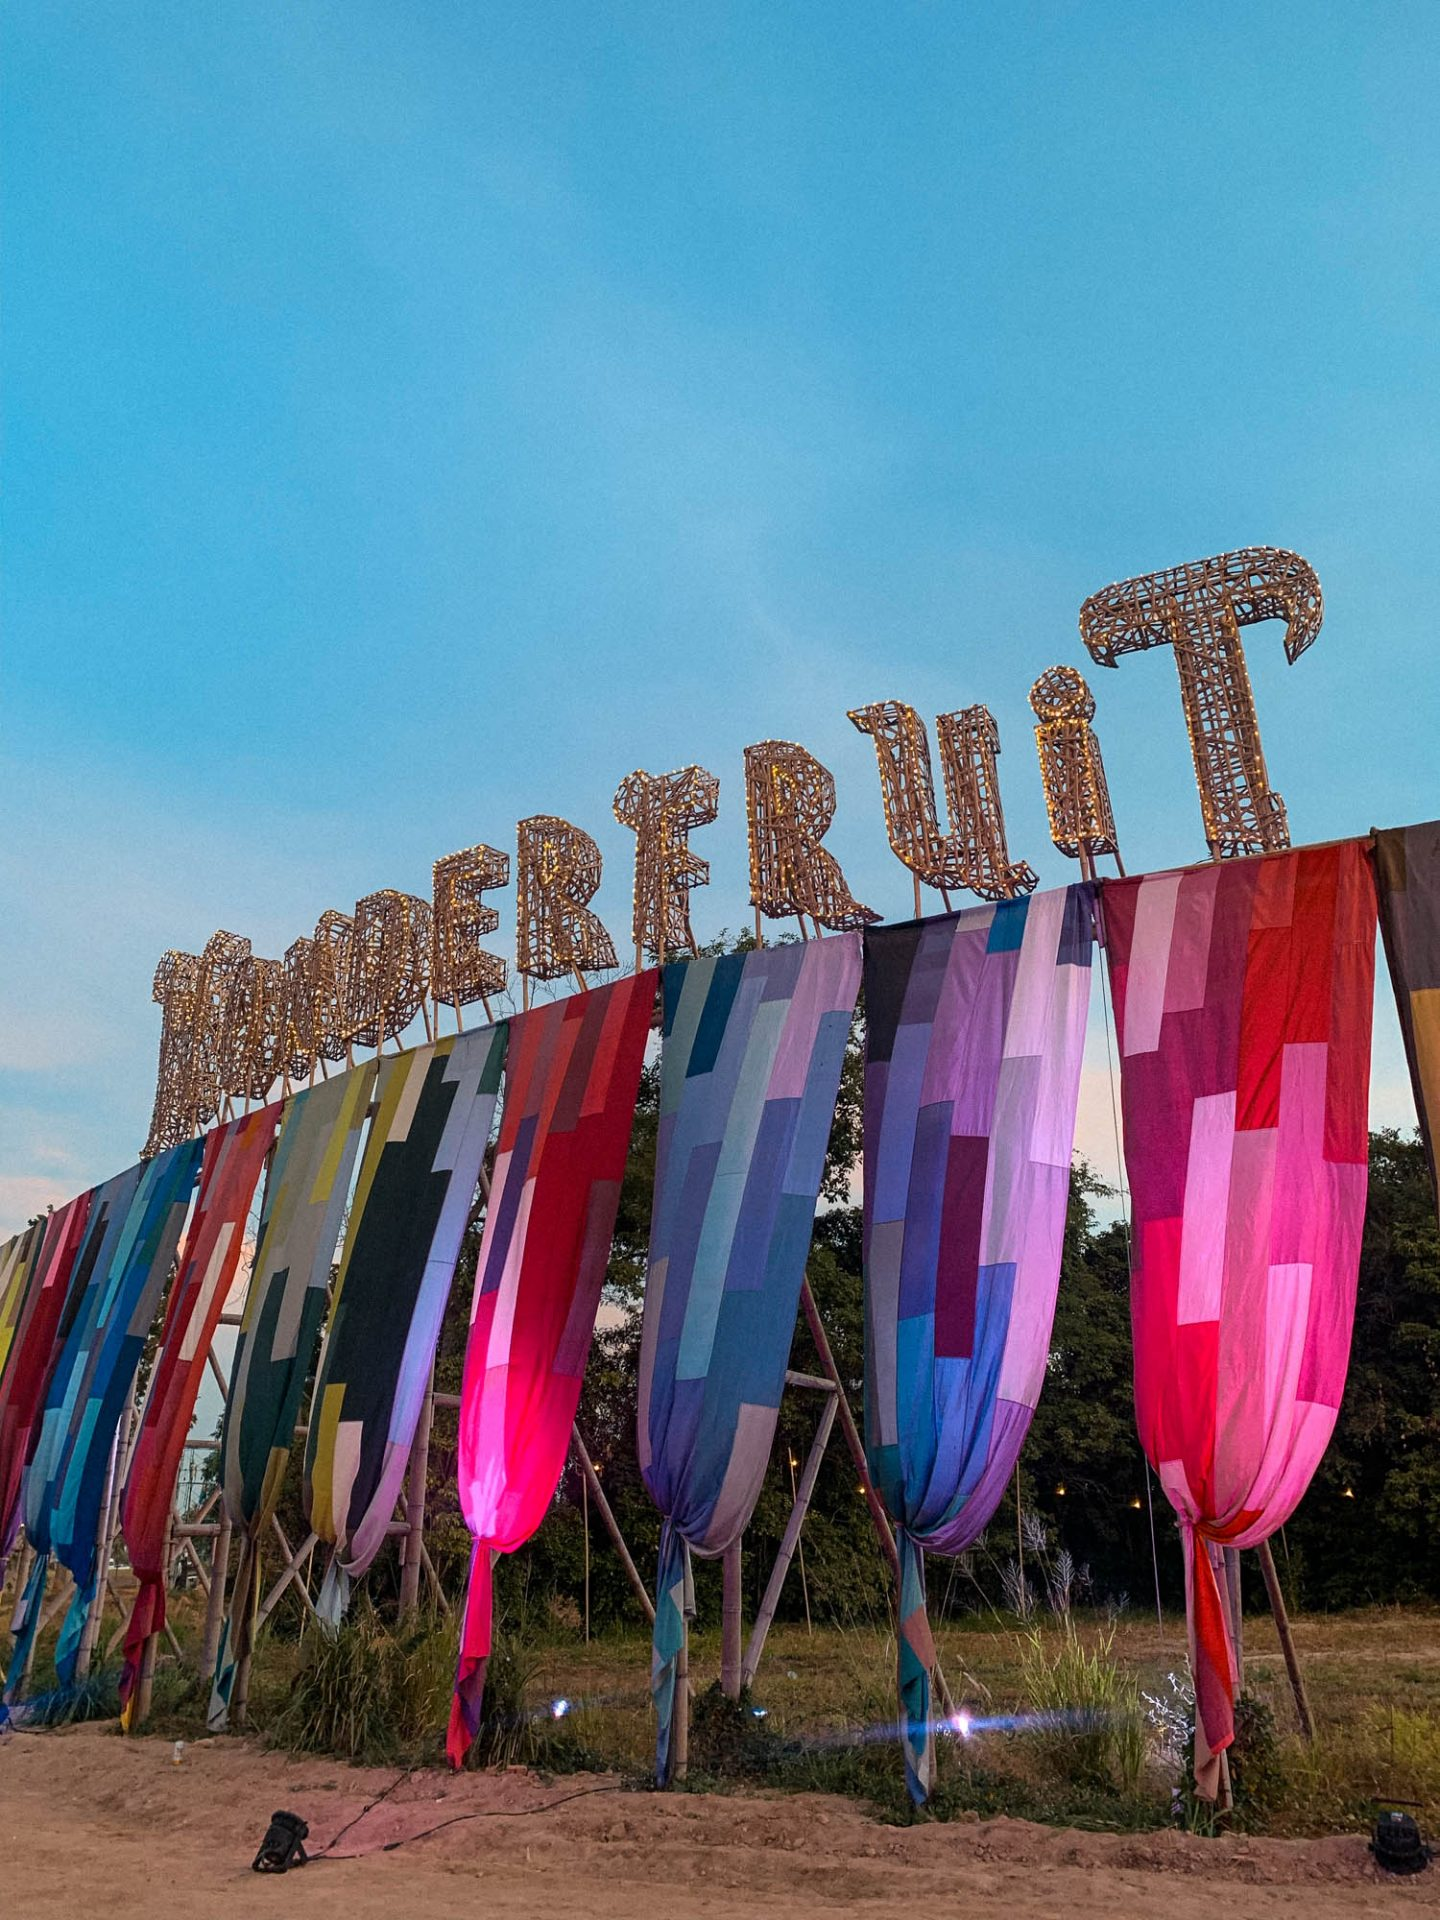 Wonderfruit Best Festivals in the World